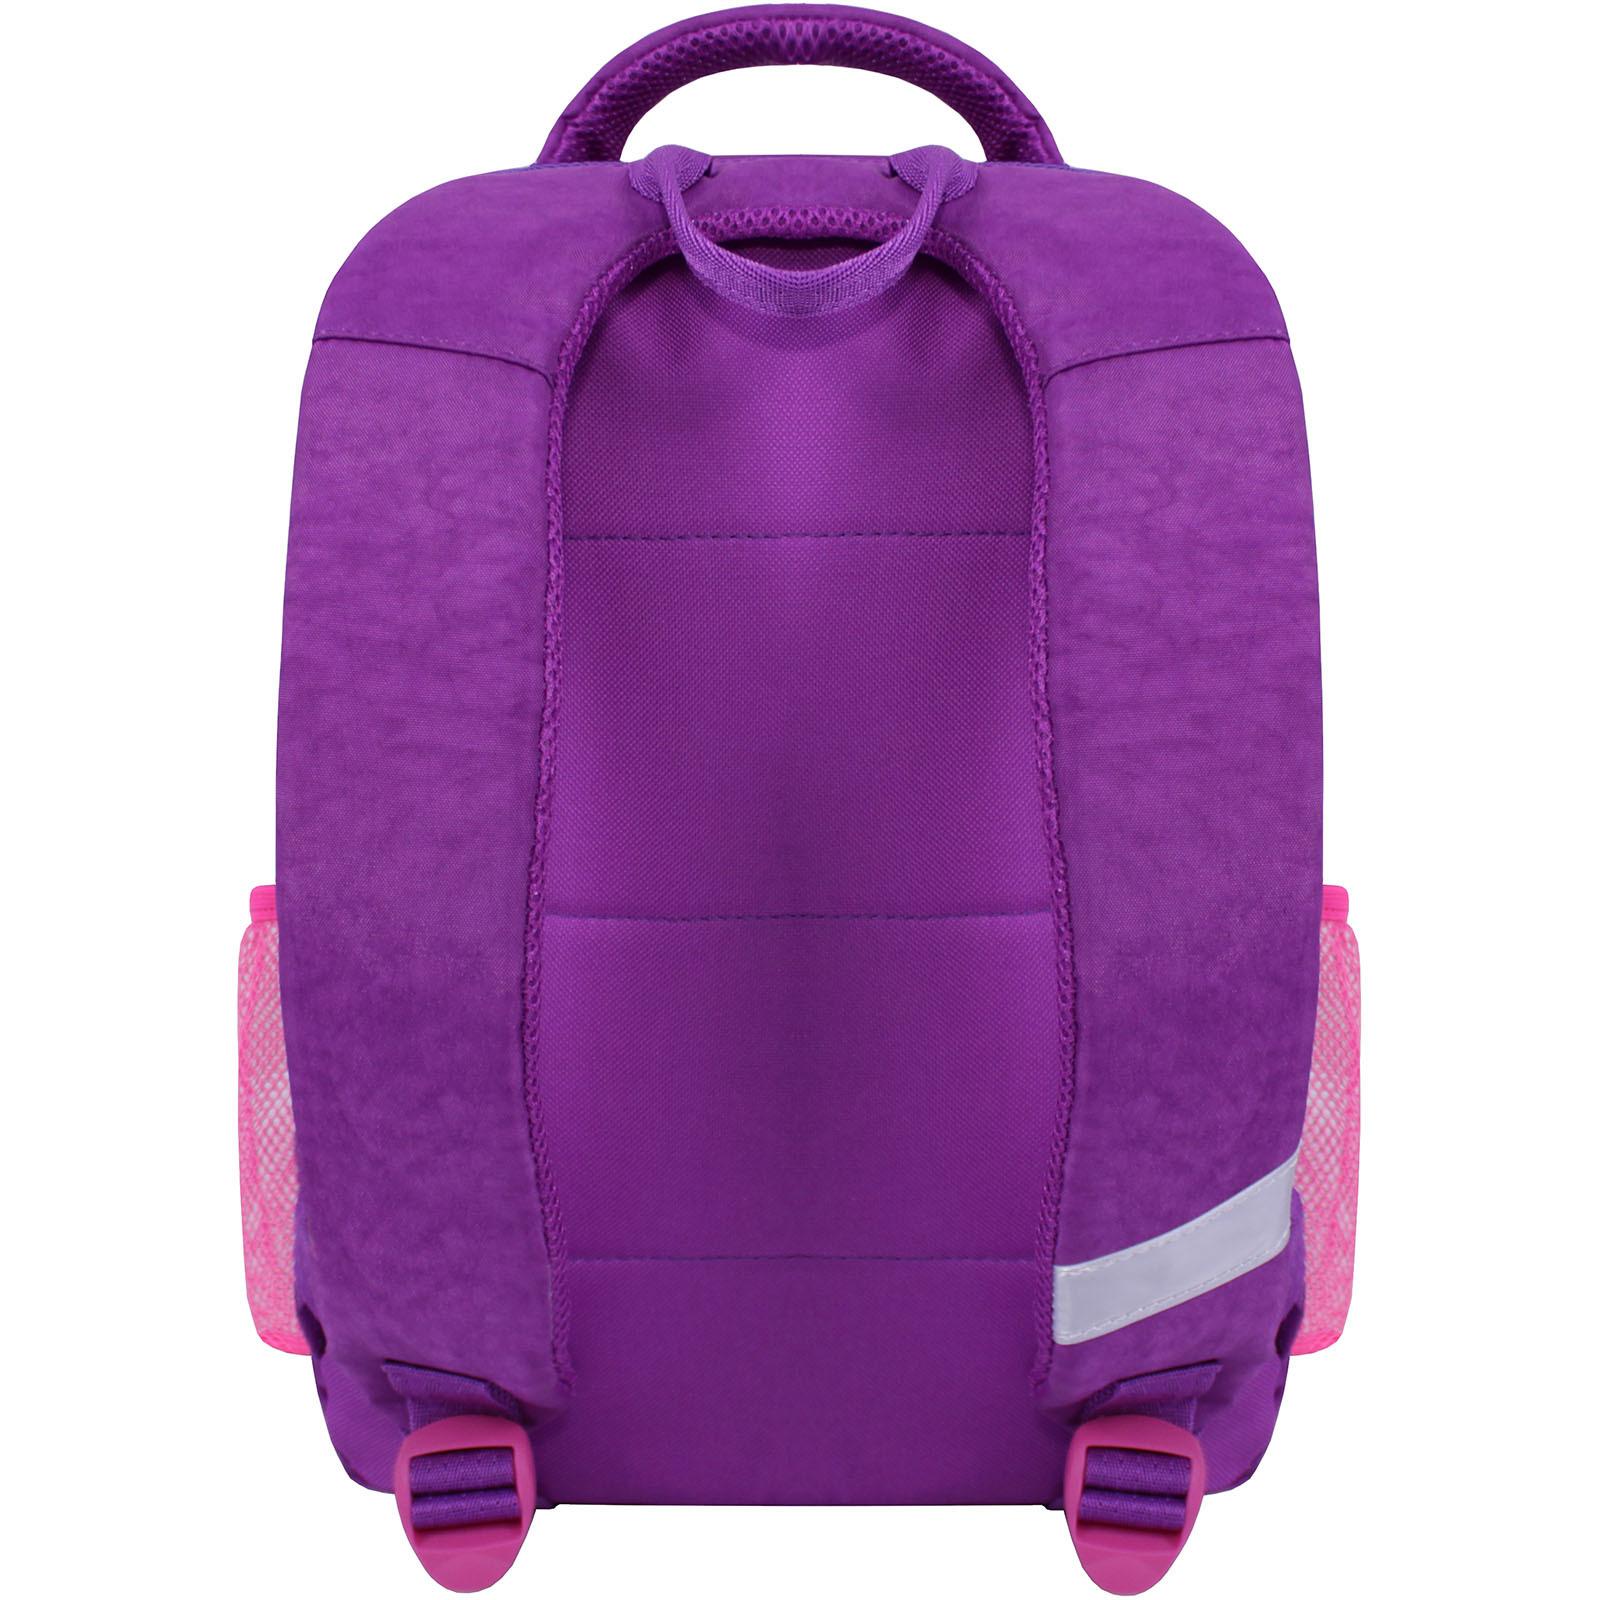 Рюкзак школьный Bagland Школьник 8 л. Фиолетовый 502 (00112702) фото 3